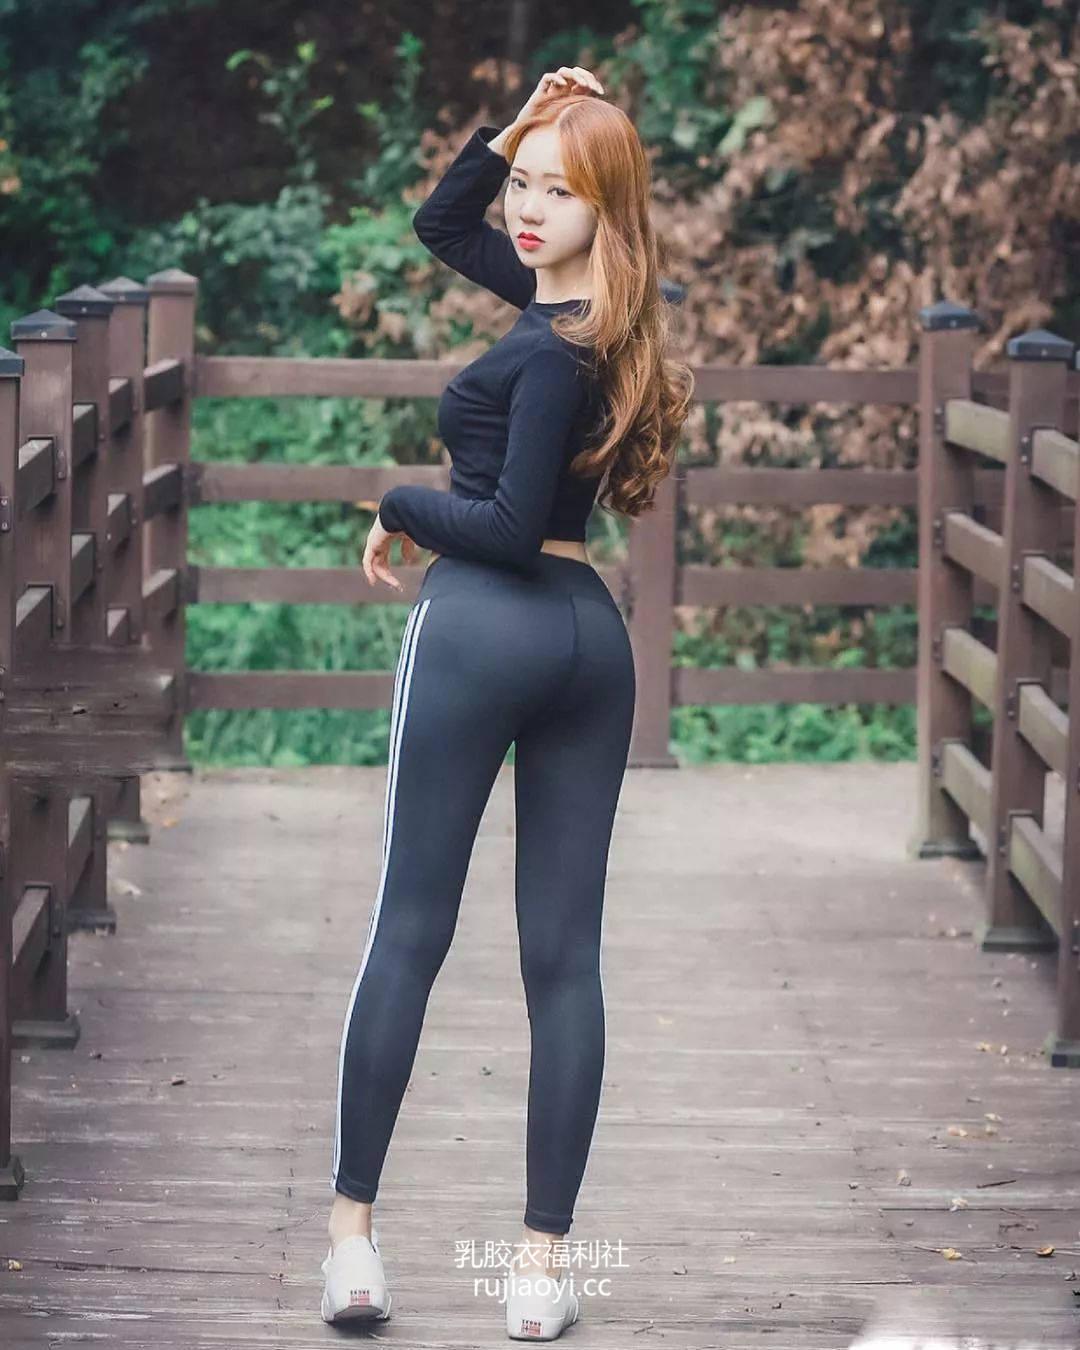 [免费资源] NO.009 黑色翘臀紧身裤